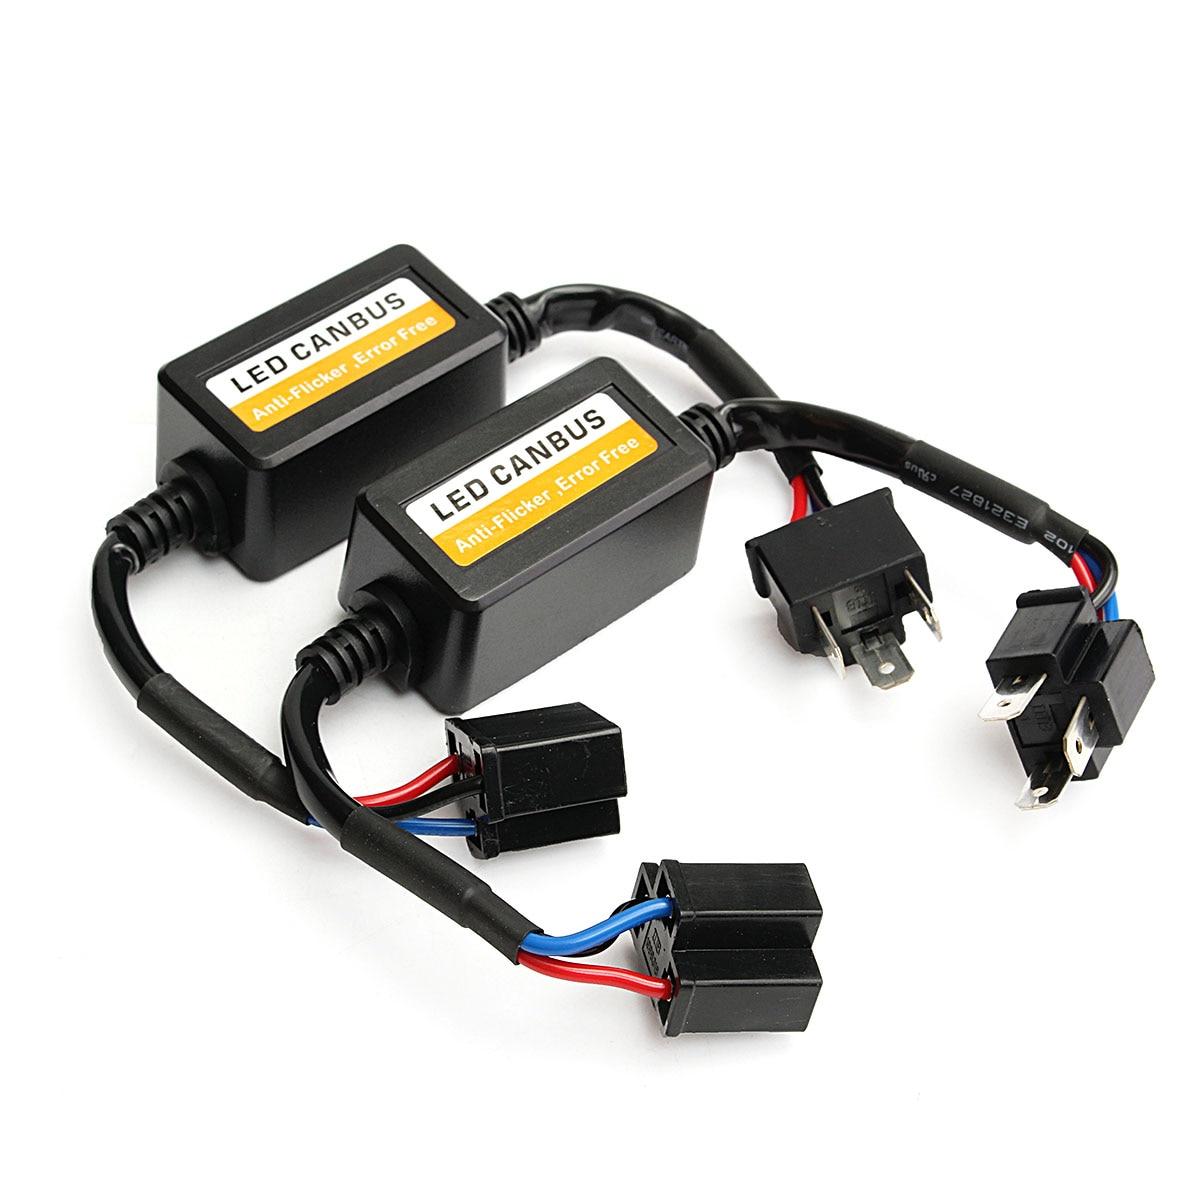 2Pcs H4 Car LED Headlight Decoder Canbus Fog Bulb Light No Error Load Resistor No Flickering Warning Canceller Adapter 2x car 1157 bay15d 1034 warning canceller error free load resistor led decoder